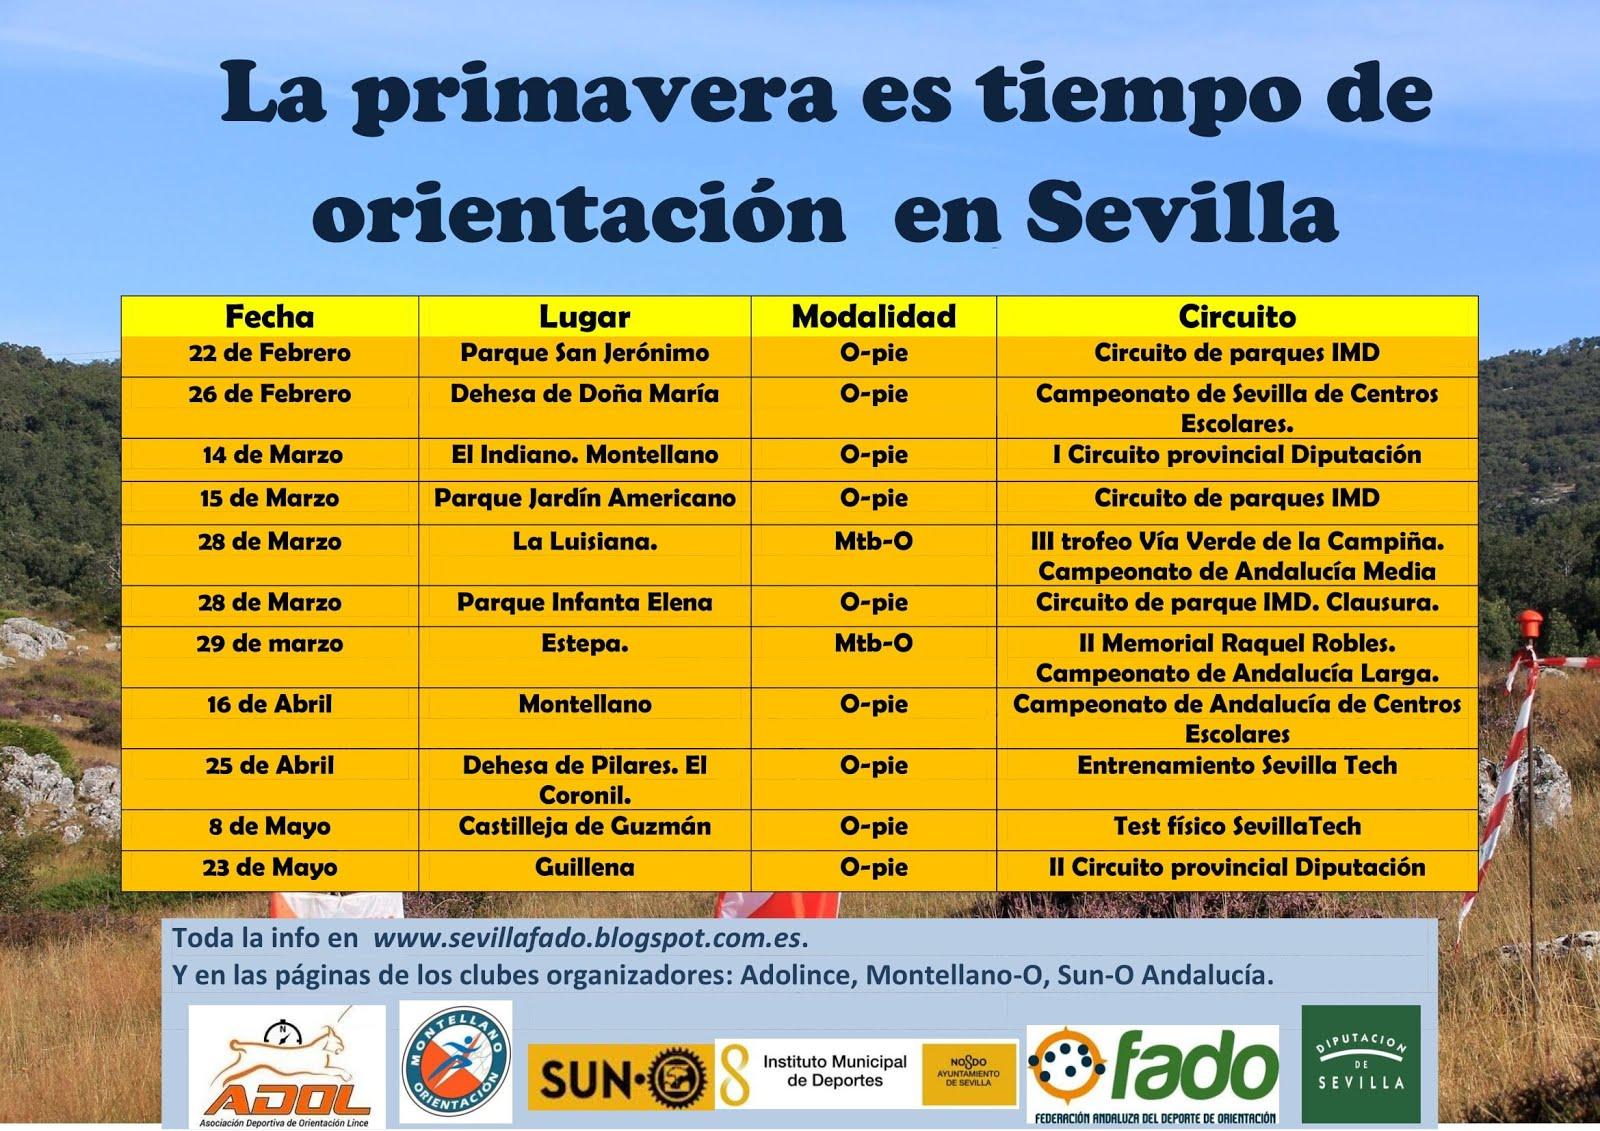 Primavera de orientación en Sevilla